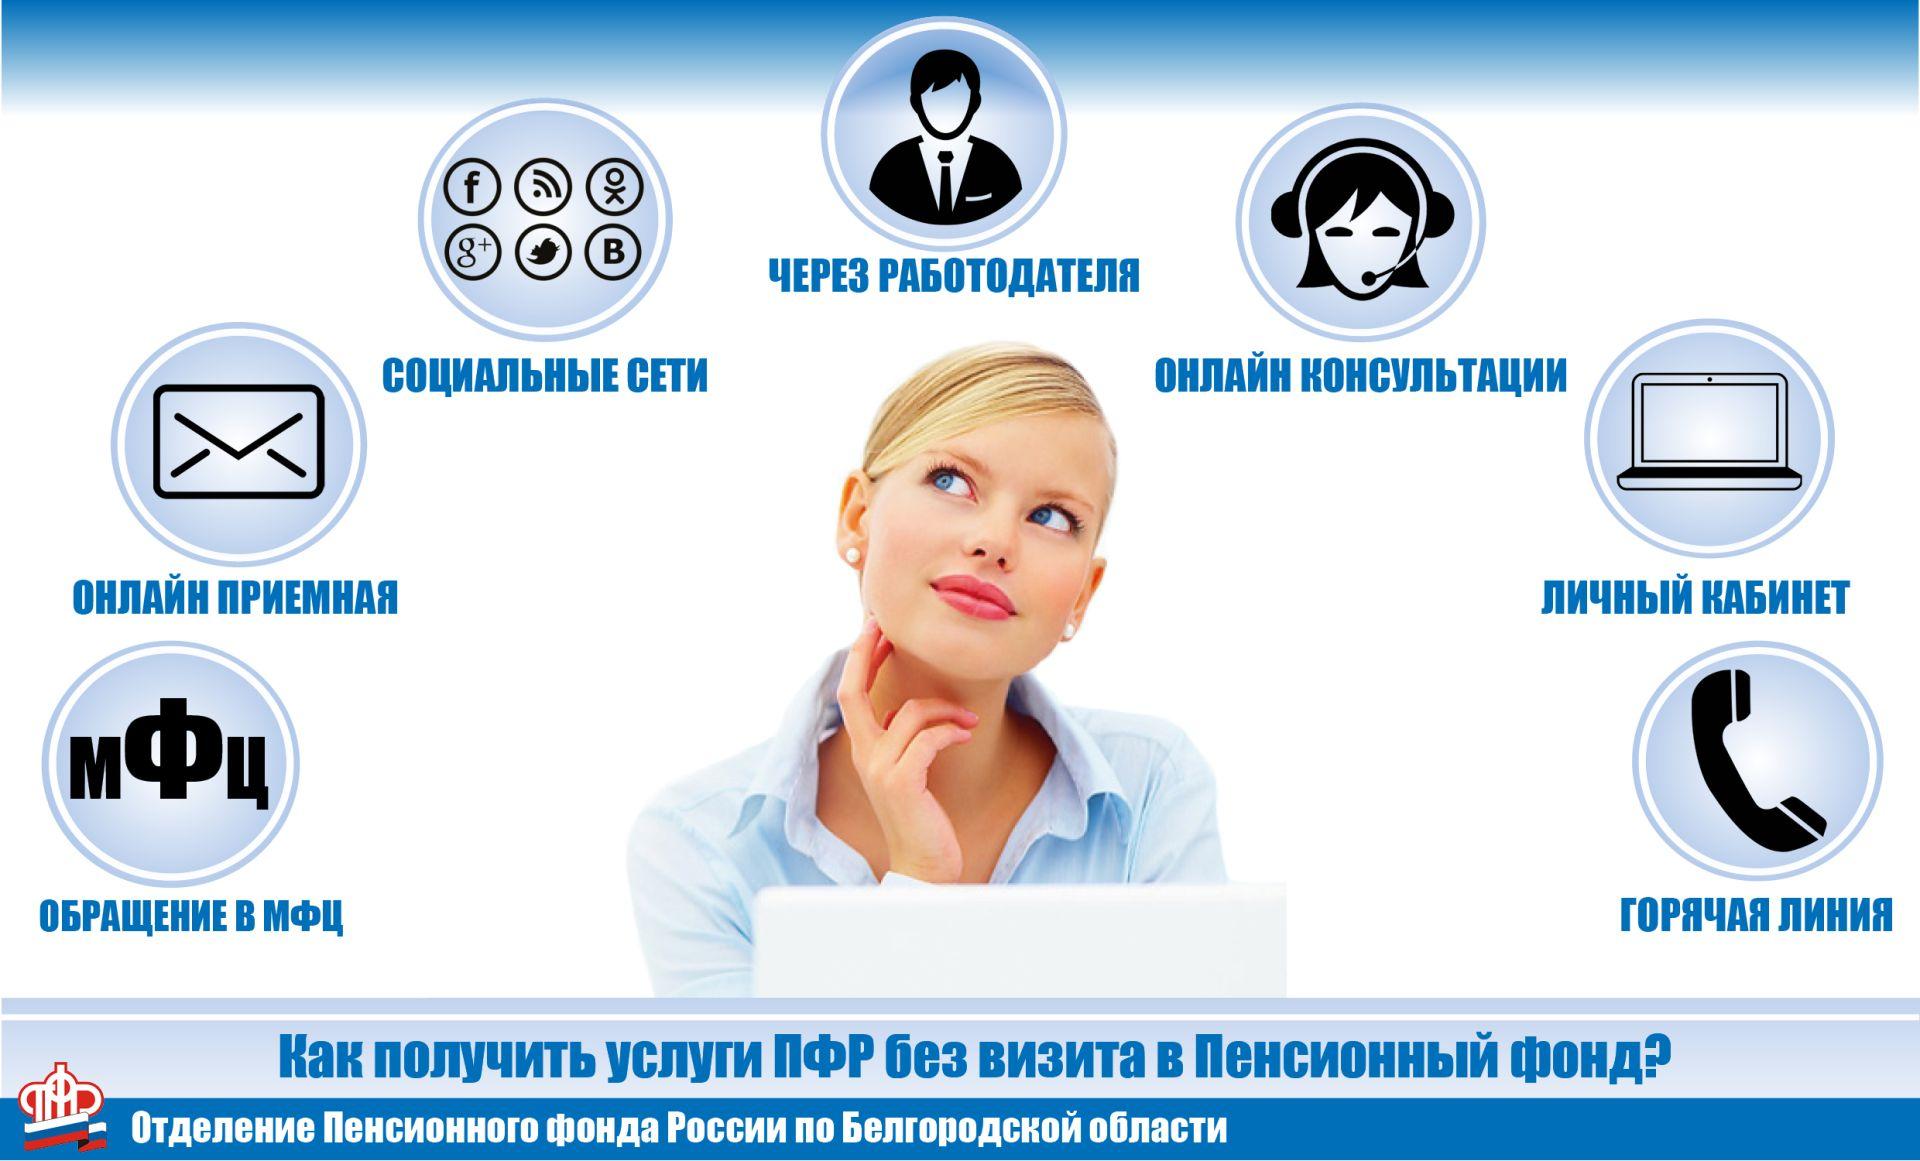 Пенсионный фонд ростовская область тарасовский район личный кабинет военный калькулятор пенсии 2021г